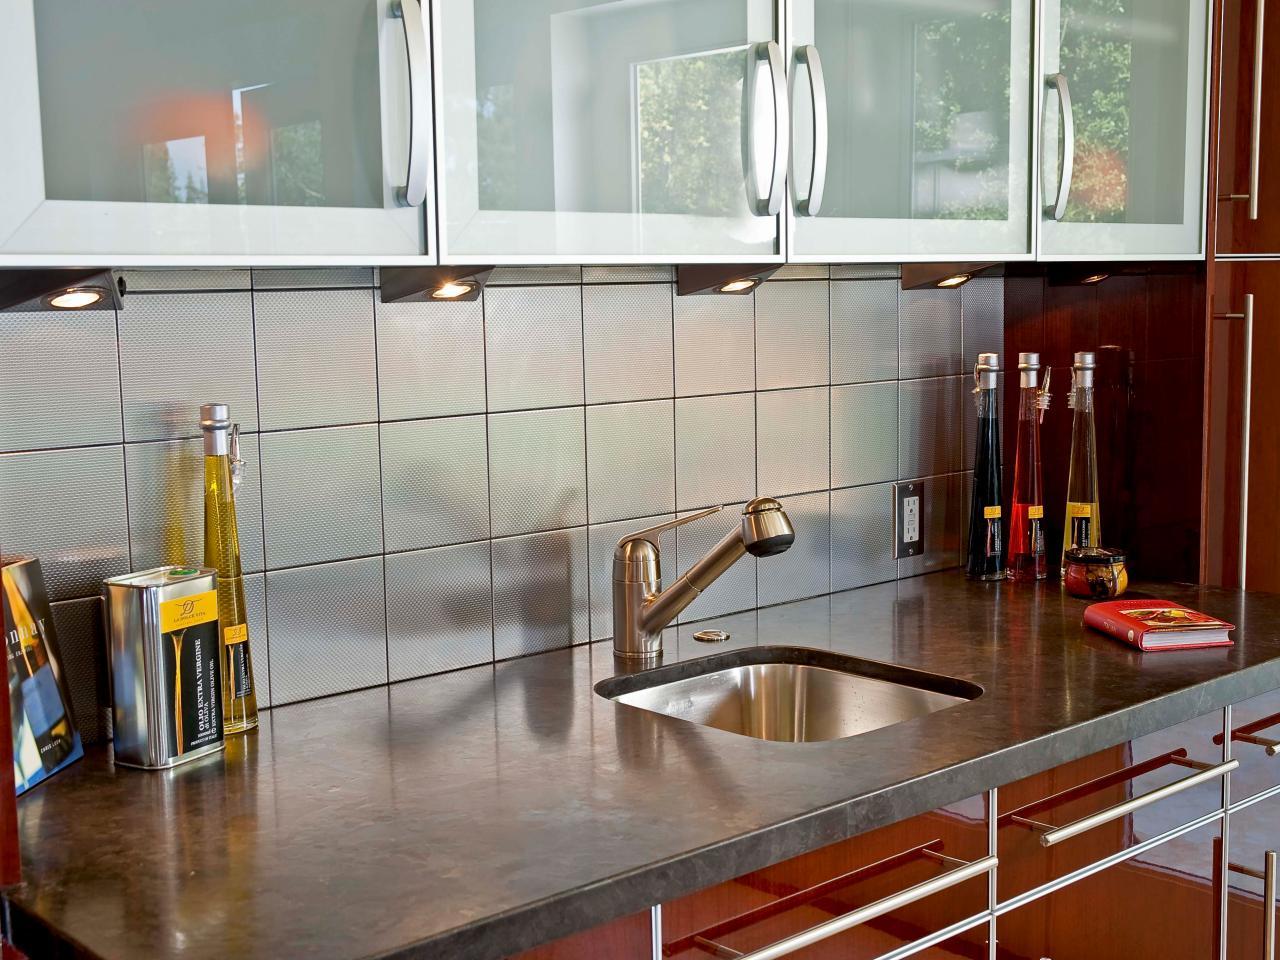 10-ways-to-remodel-your-kitchen-under-20008